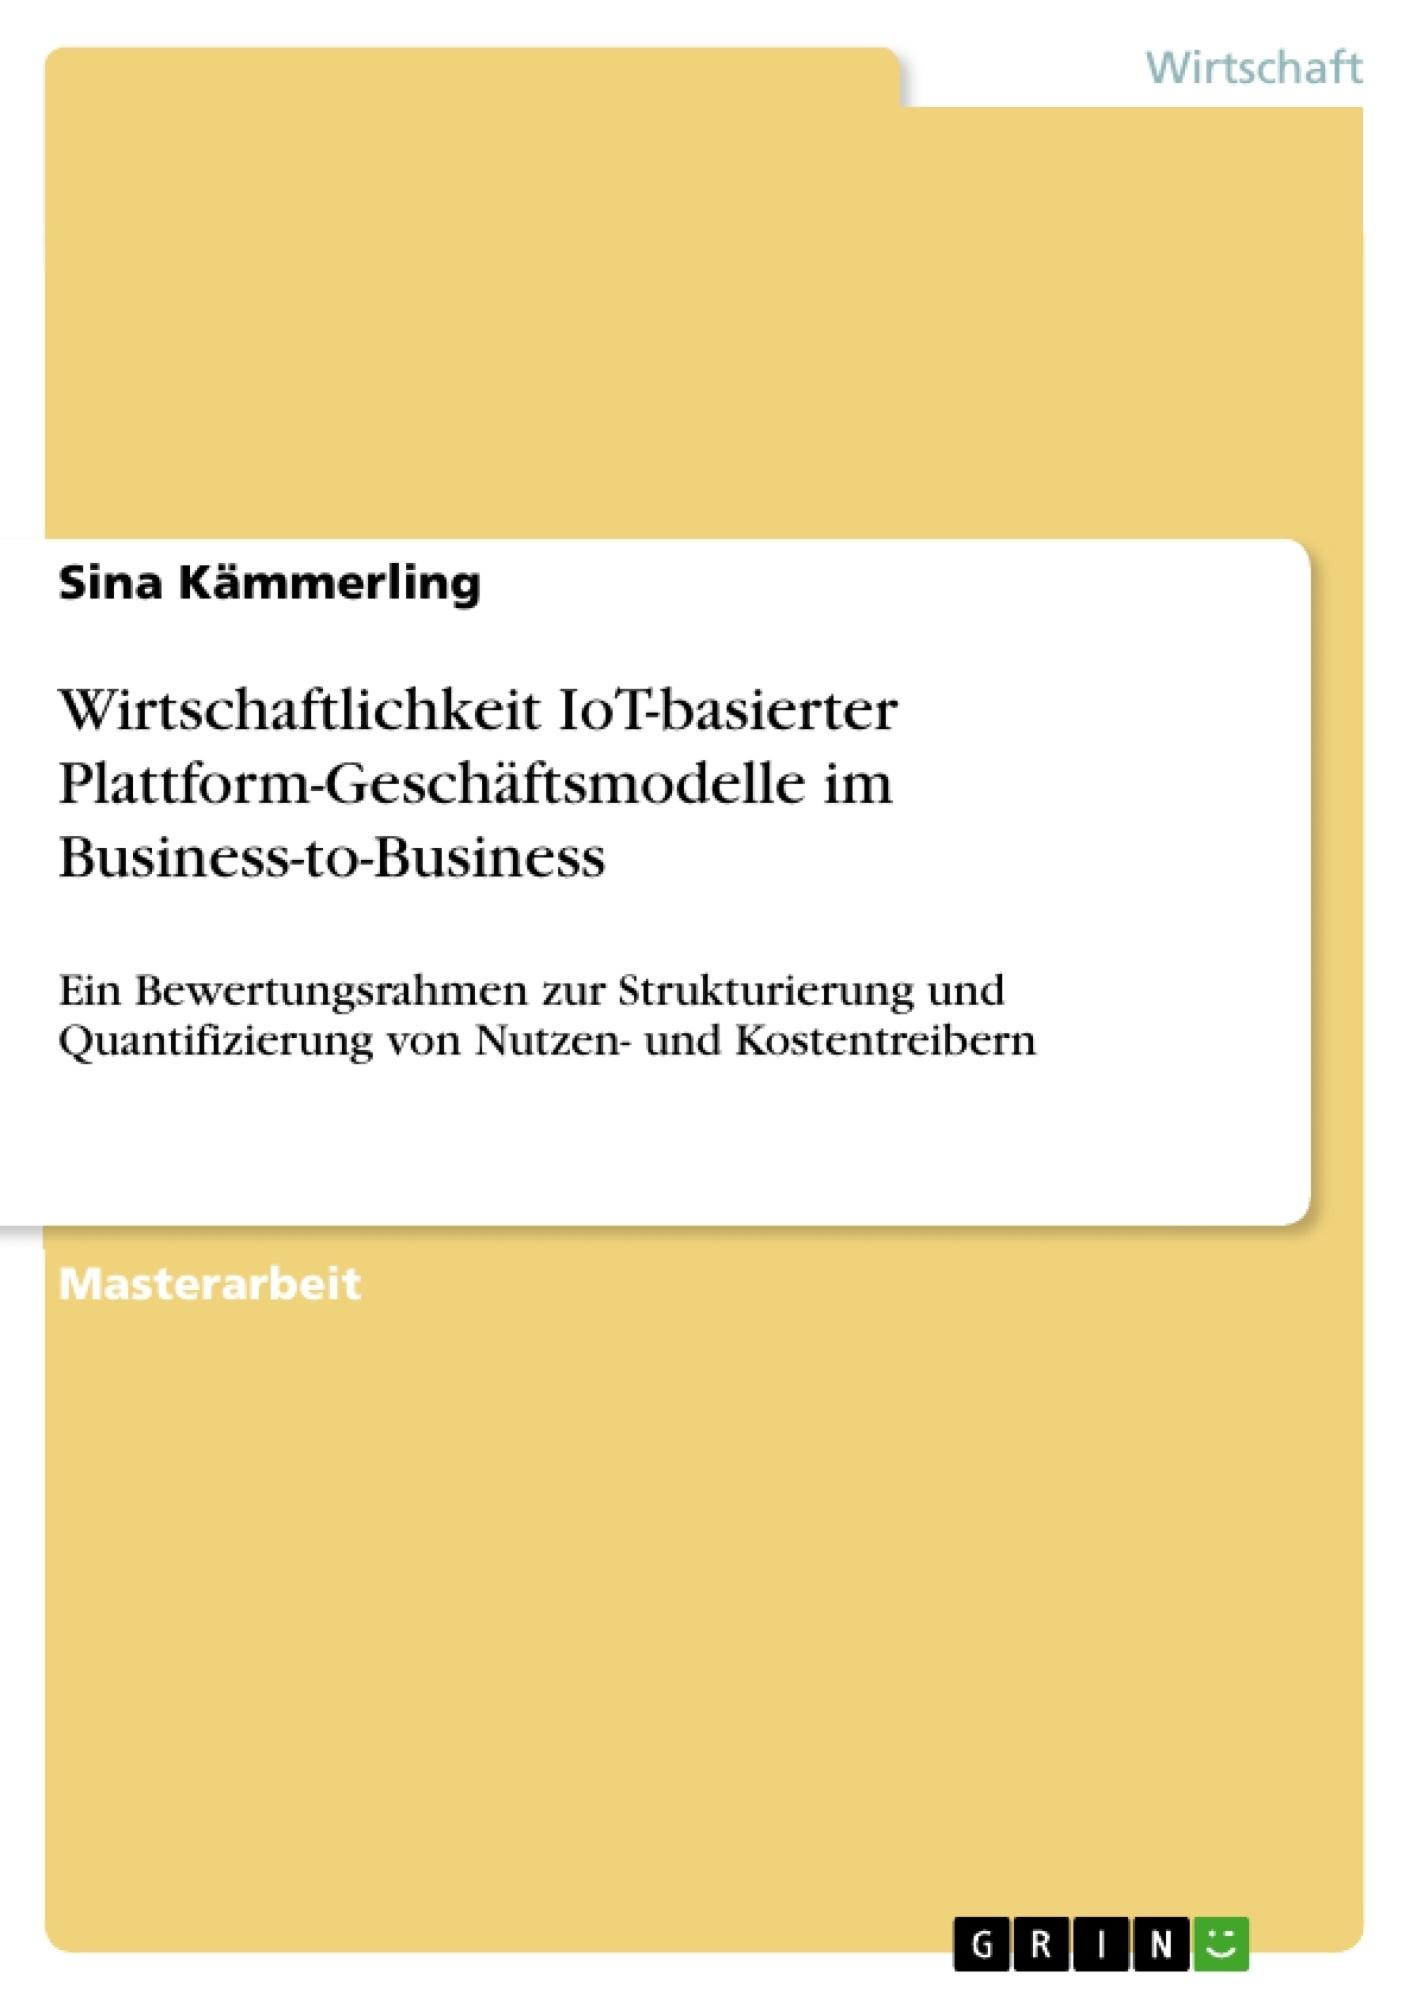 Titel: Wirtschaftlichkeit IoT-basierter Plattform-Geschäftsmodelle im Business-to-Business